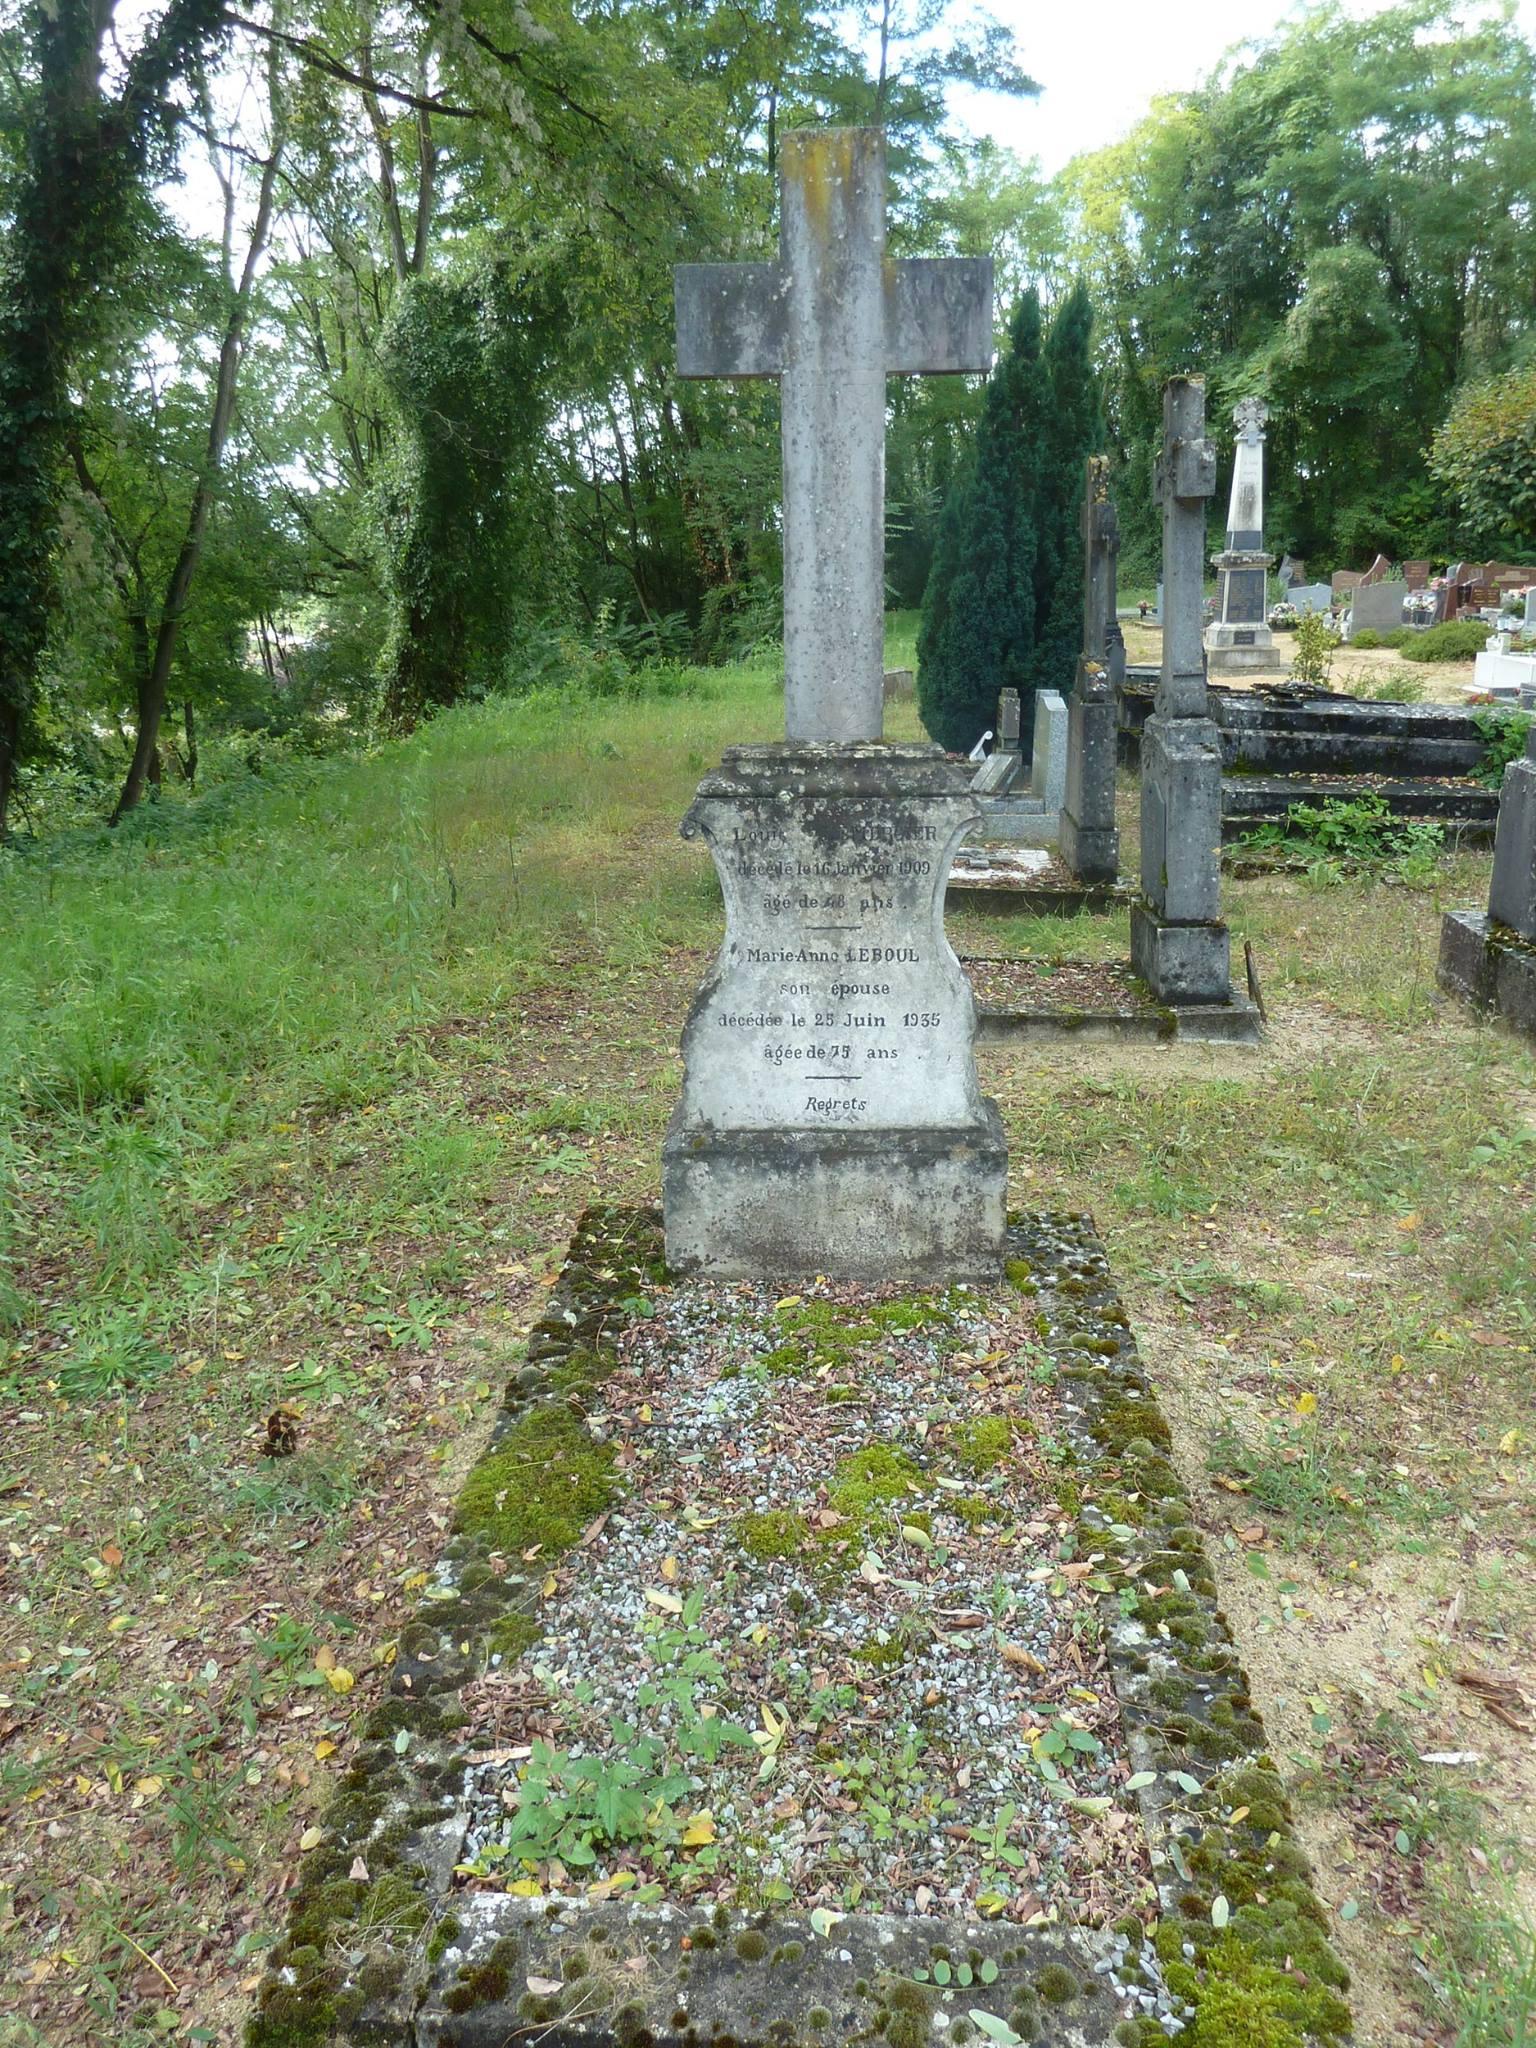 Clermont Créans - Cimetière - LEMERCIER Louis et LEBOUL Marie-Anne 01 (Loïc Prémartin)